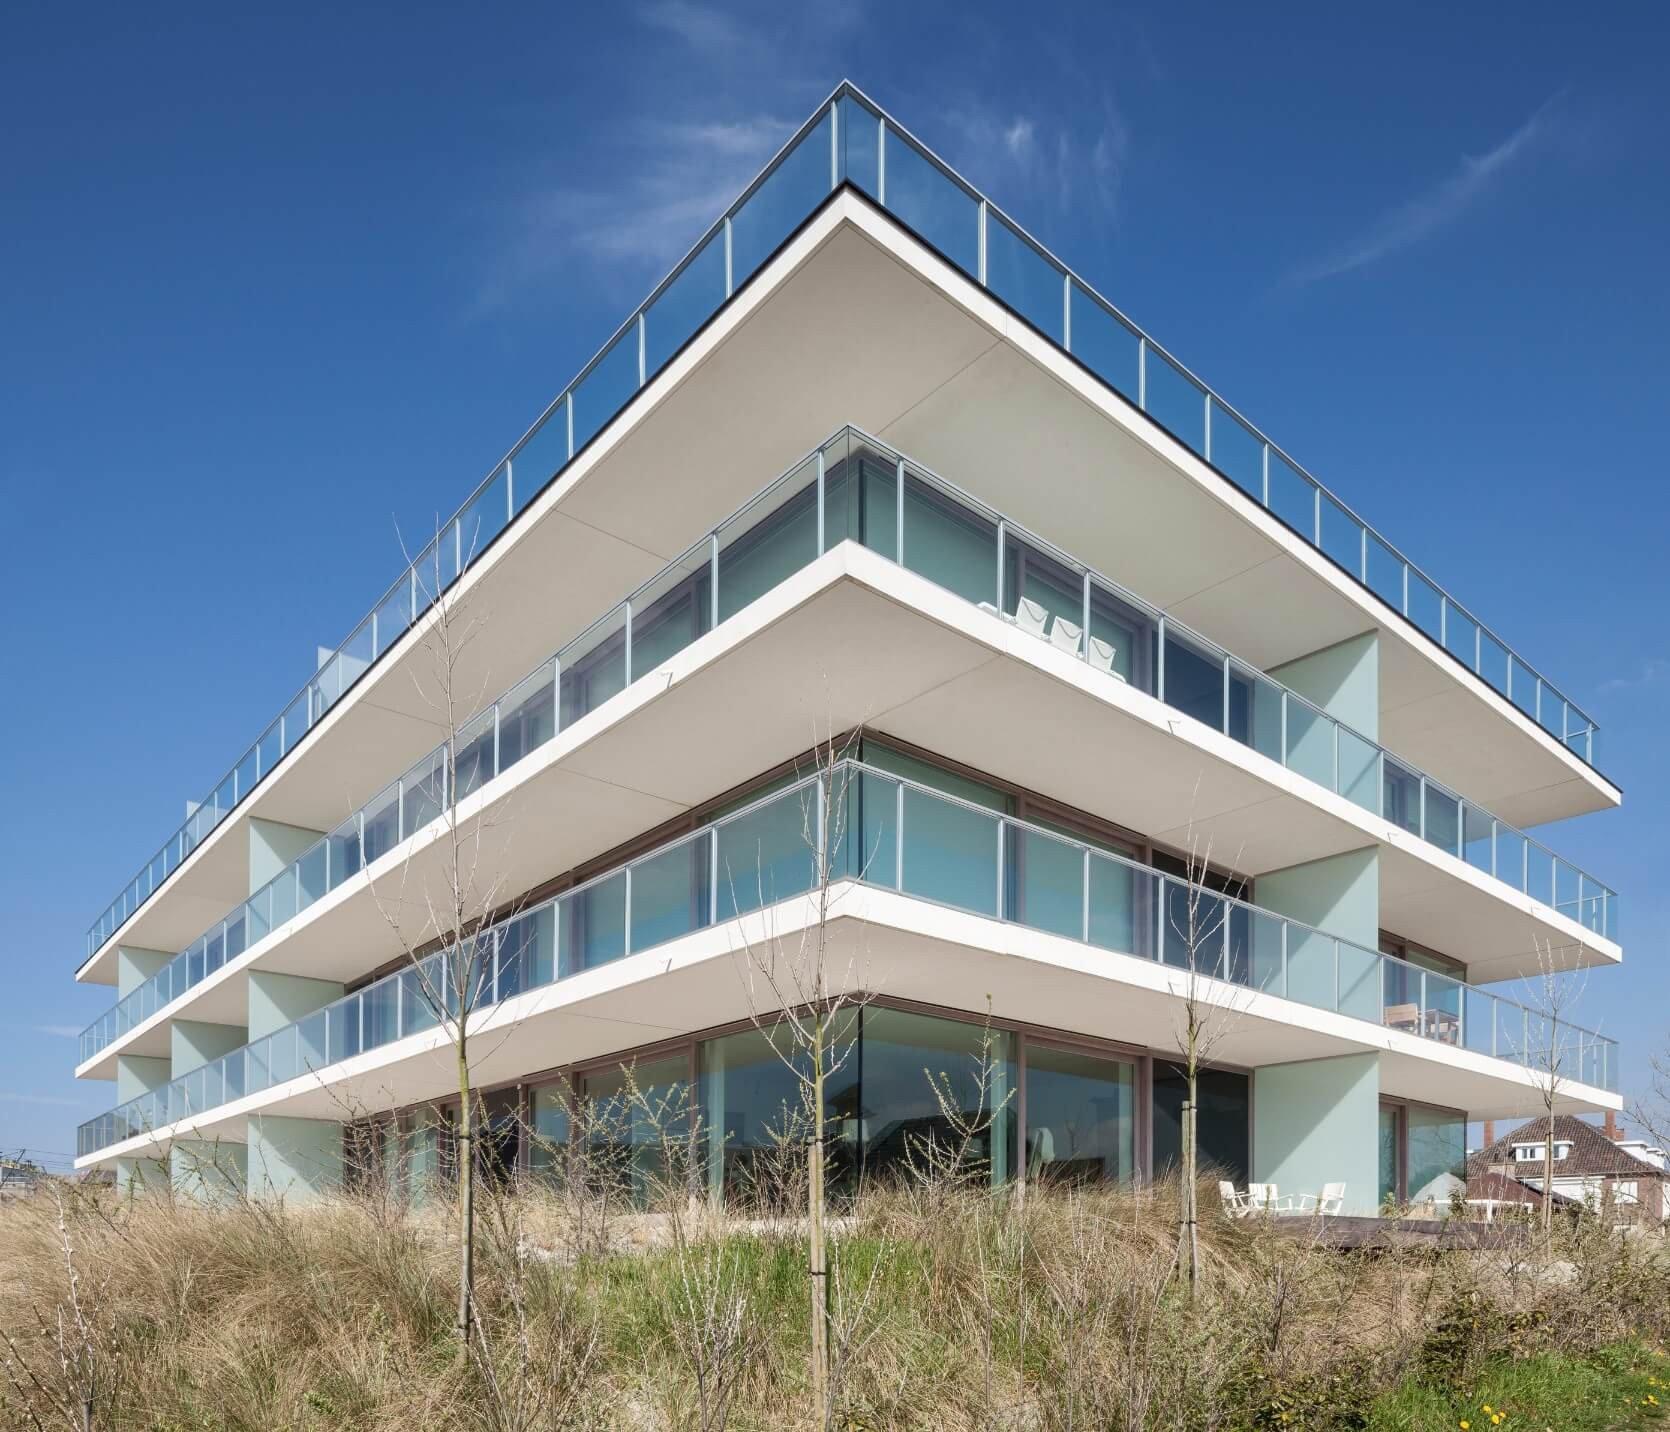 Res-JeanProuve-Rietveldprojects-photobytimvandevelde-24.jpg